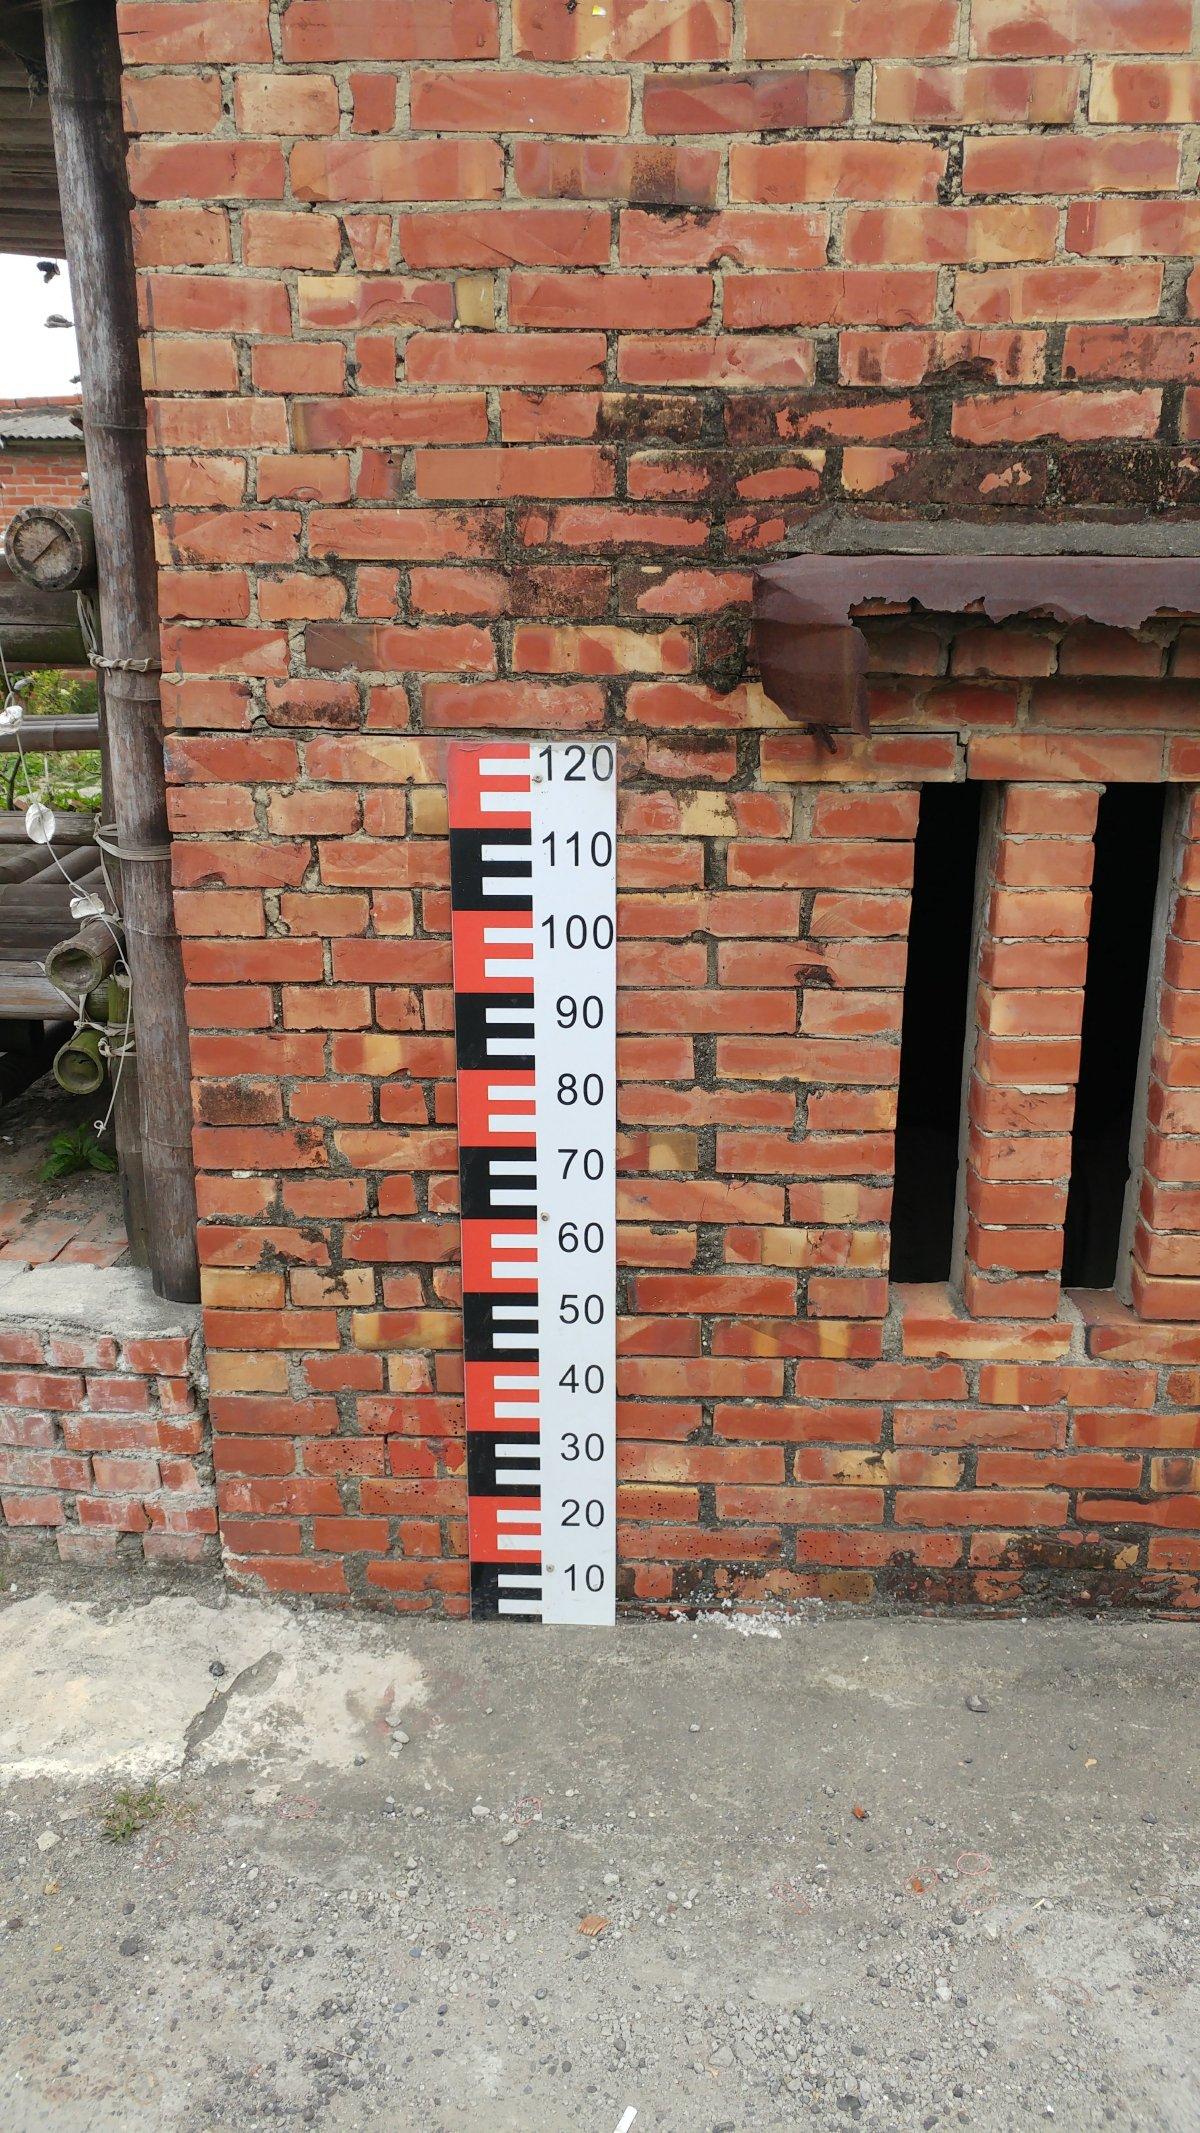 海邊村莊路口牆壁上的標尺是做什麼用途呢?